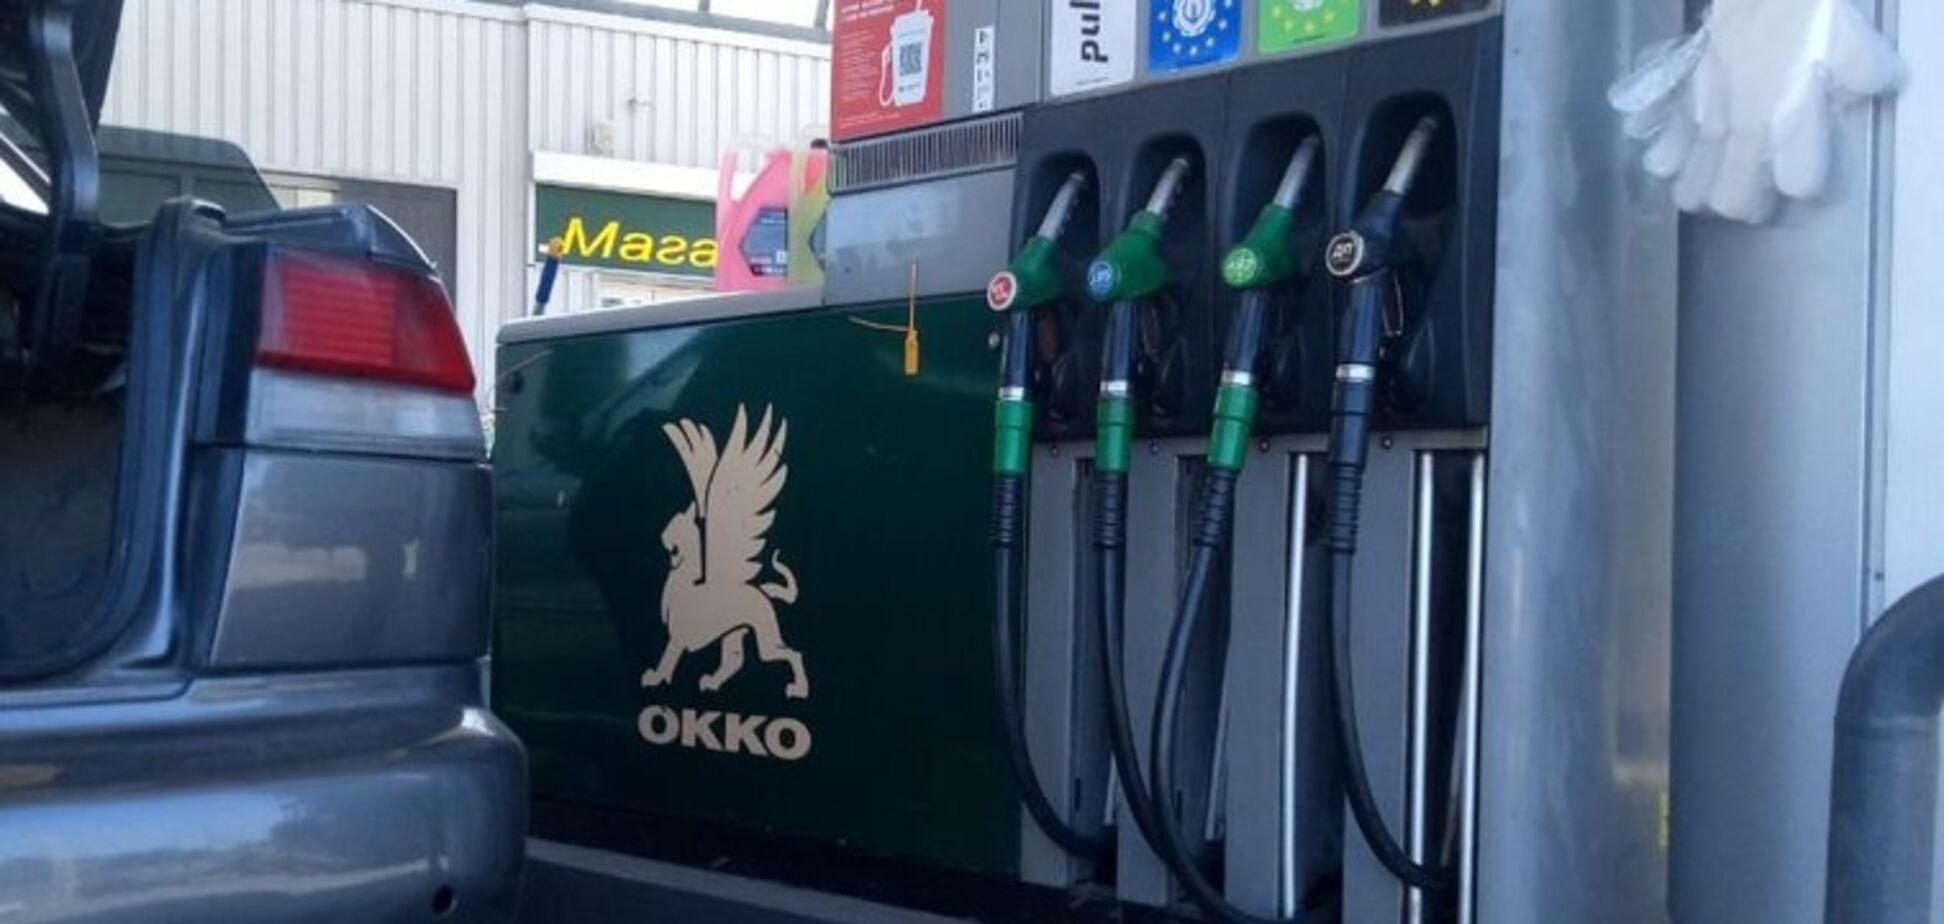 Замість бензину залили дизель: у Миколаєві на ОККО знищили авто Нацполіції